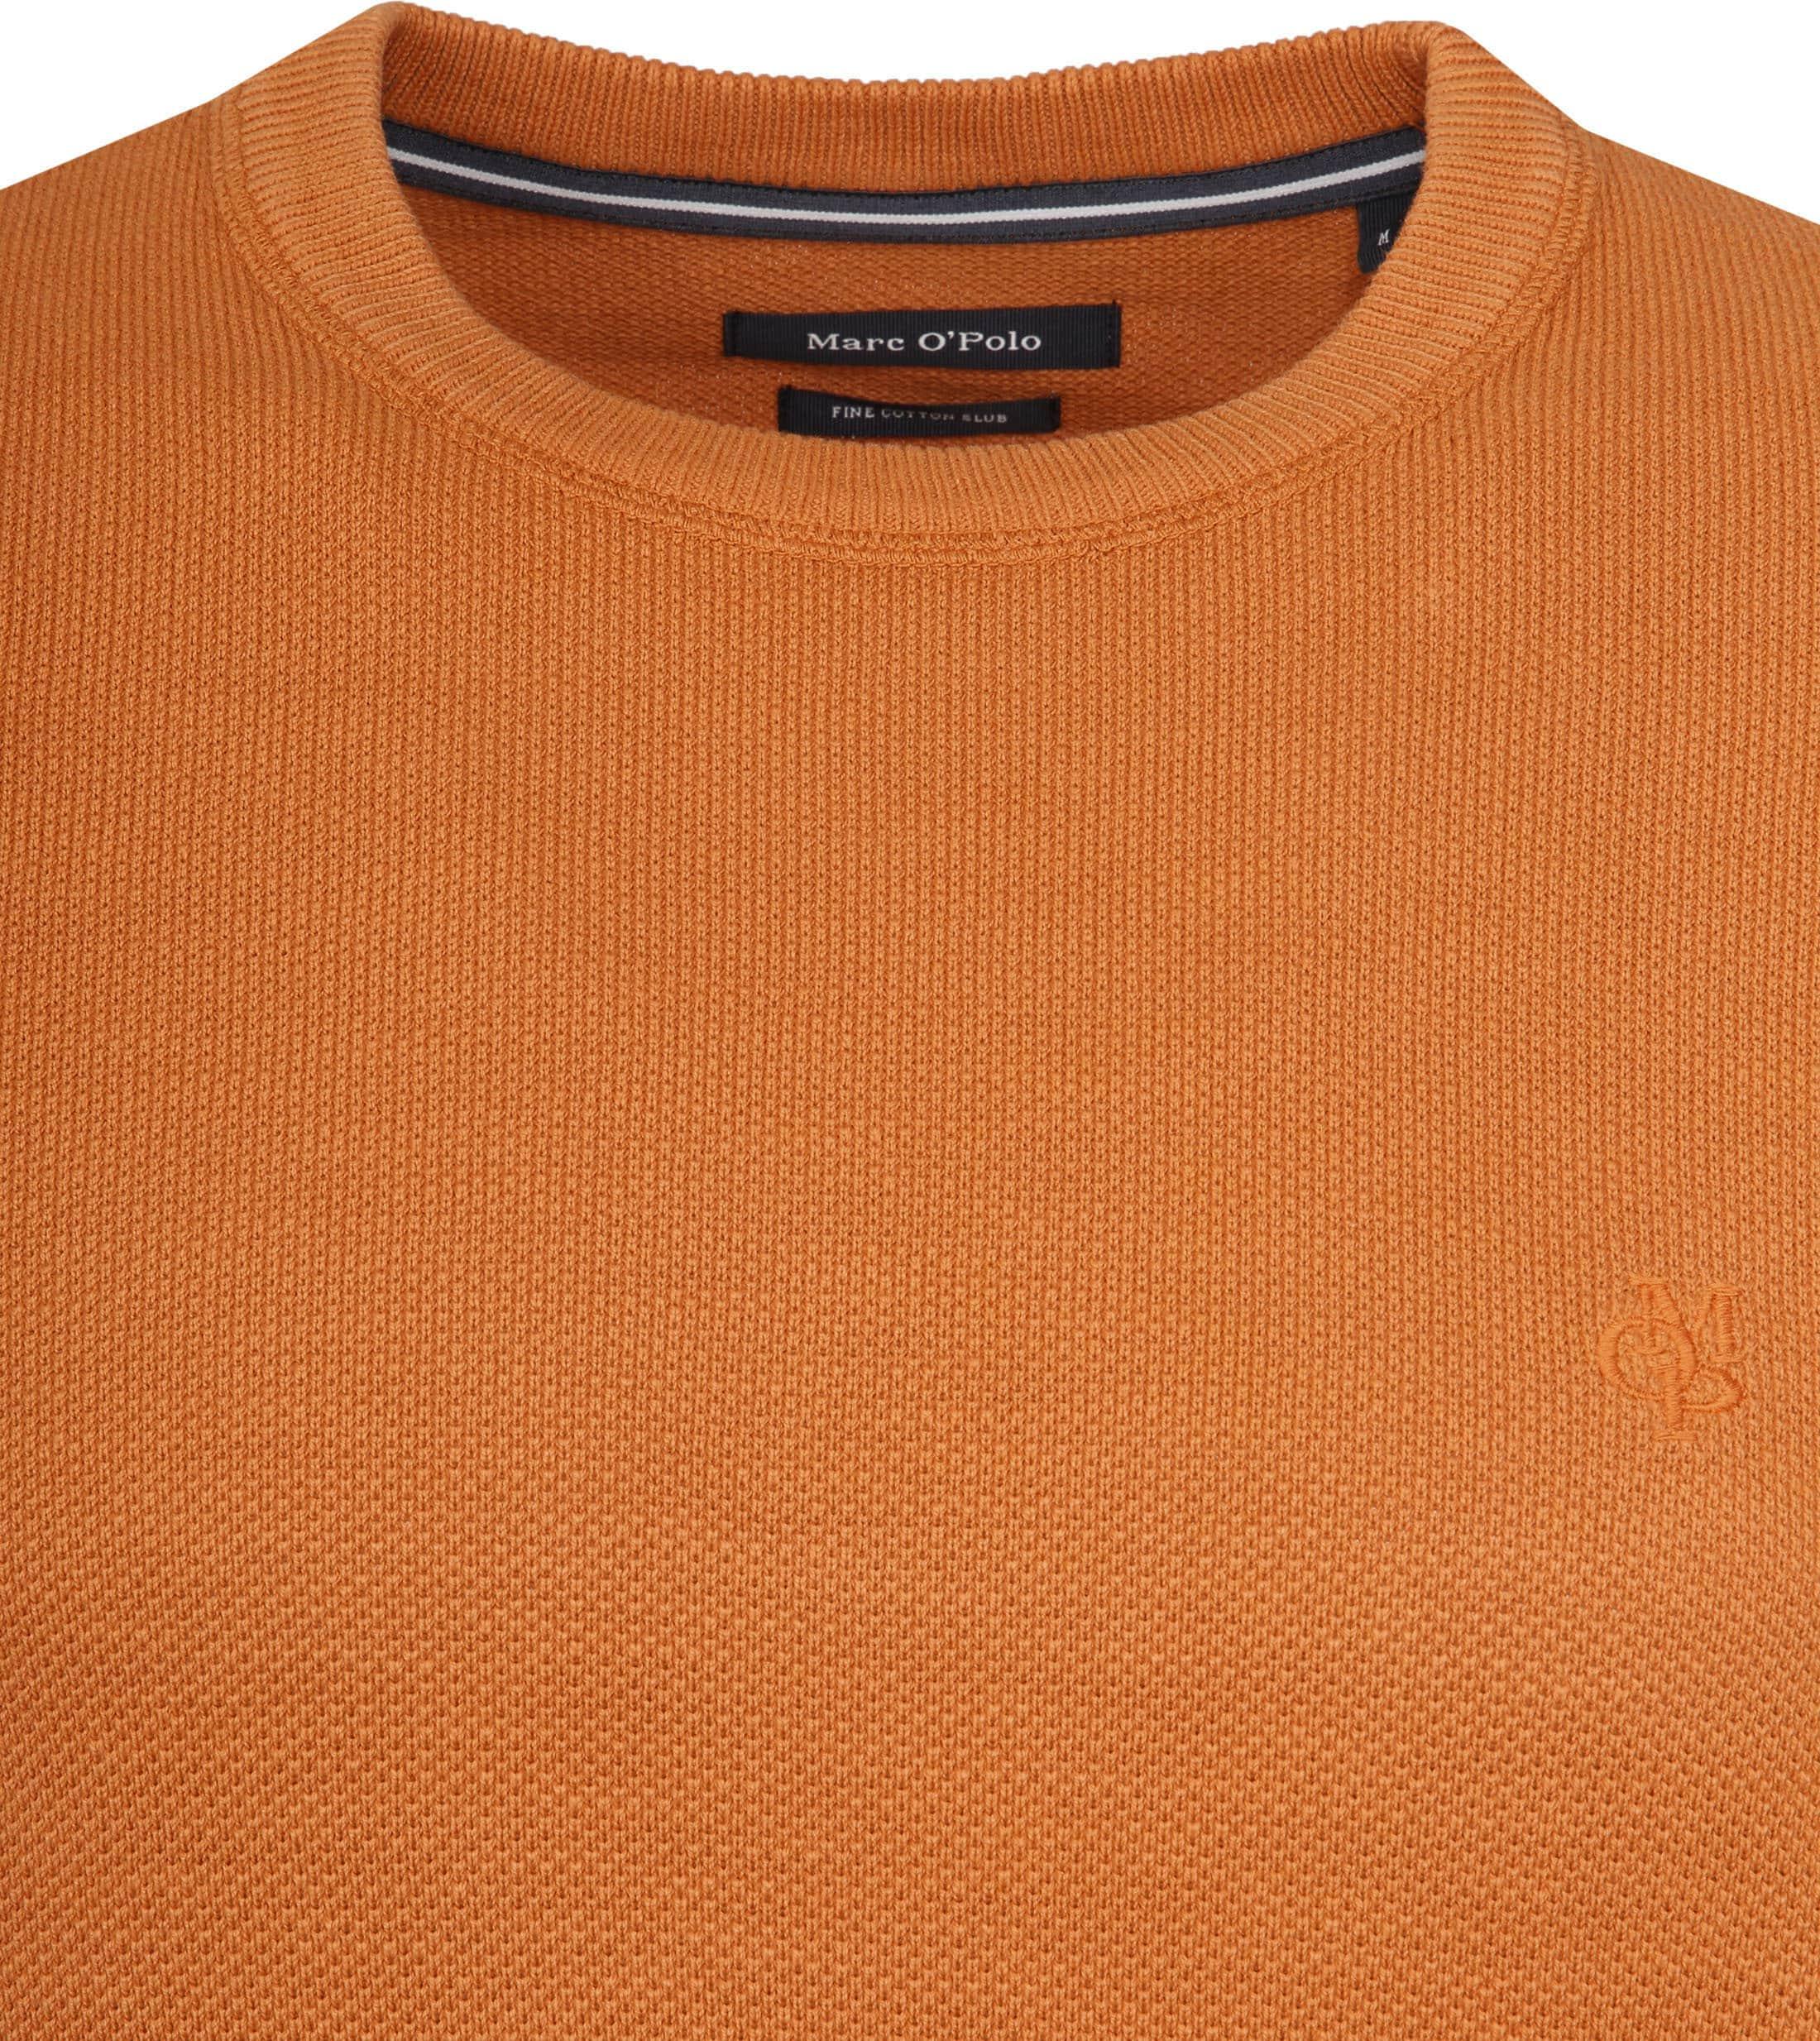 Marc O'Polo Trui Dessin Oranje foto 1